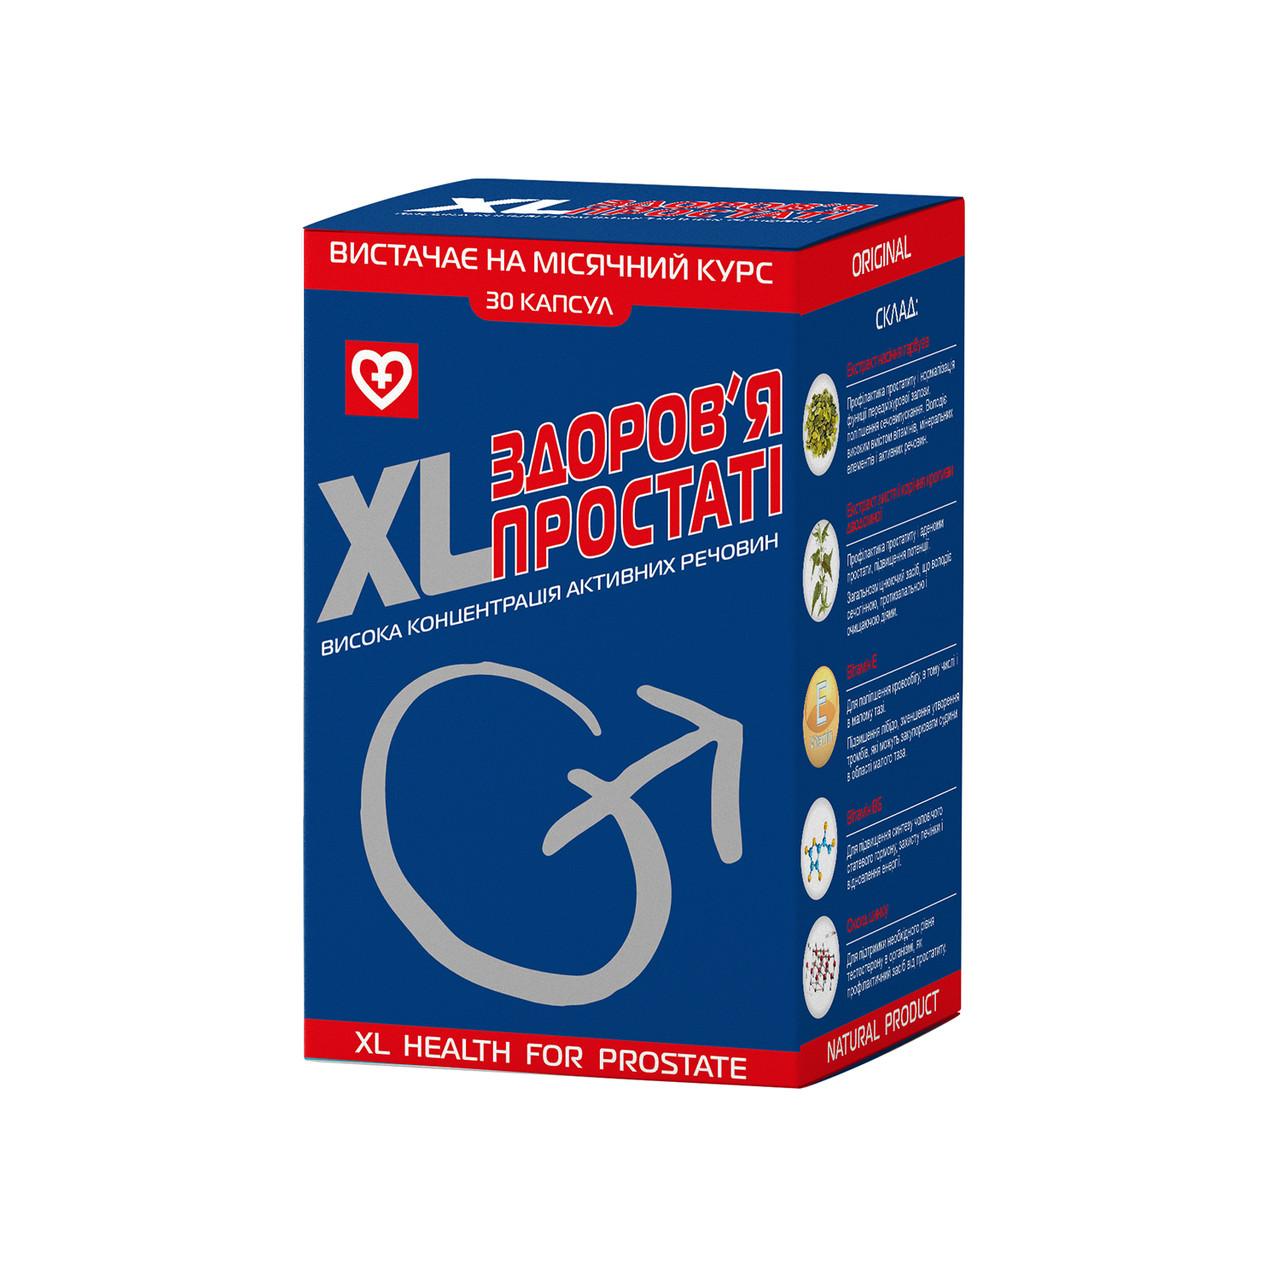 Препарат XL-ЗДОРОВЬЯ ПРОСТАТЕ №30 - для потенции, эрекции, от простатита